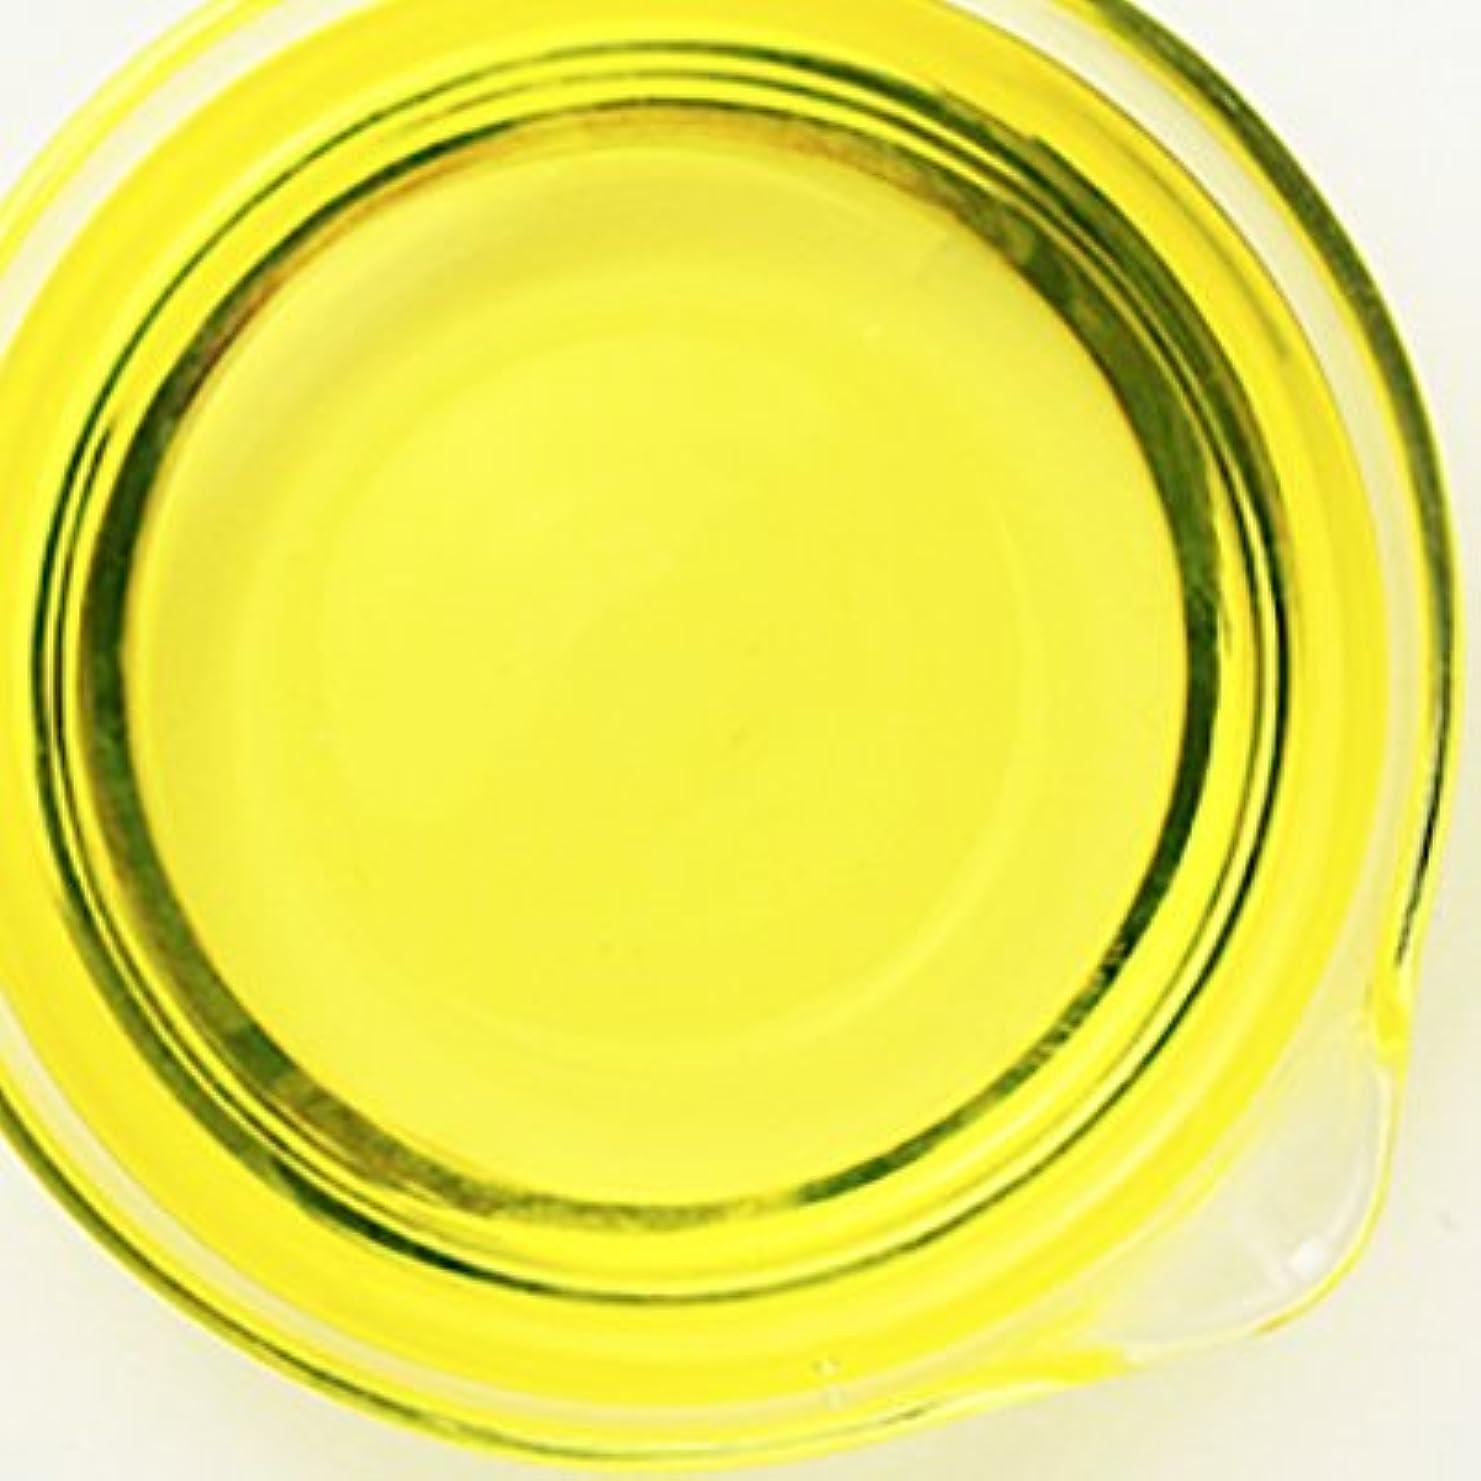 あさり表面的なハブブポリソルベート 20 250ml 【乳化剤/手作りコスメ/手作り化粧品/アロマバス】